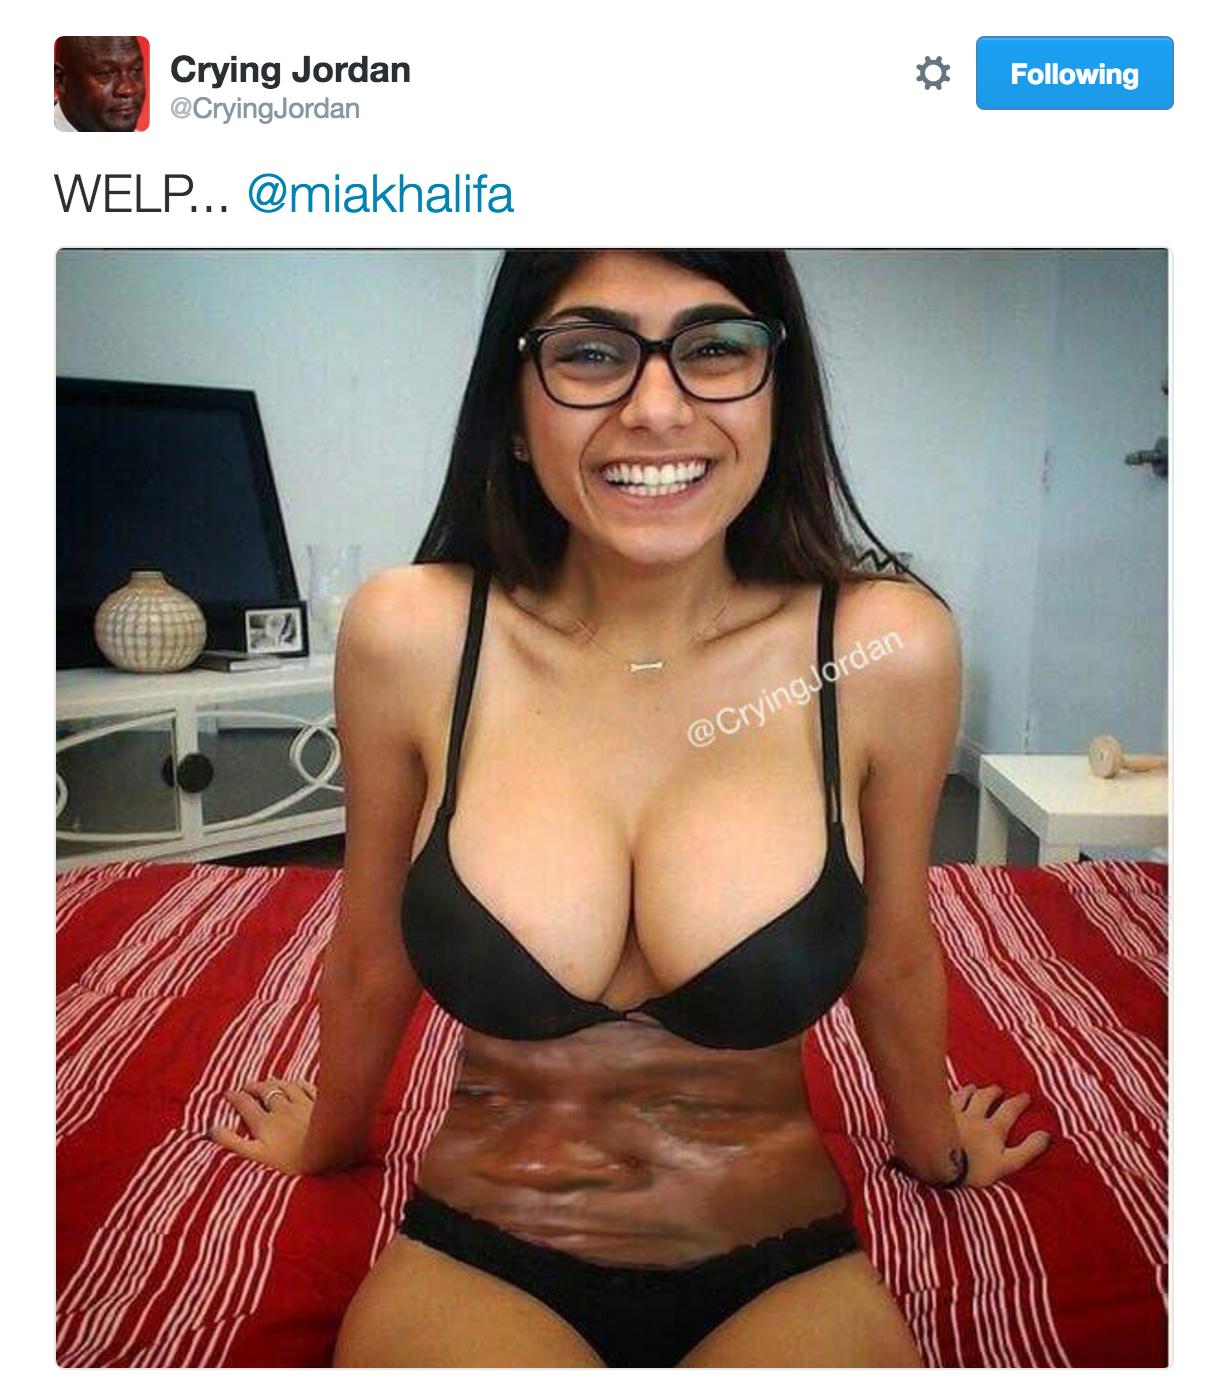 Miakalifa.com